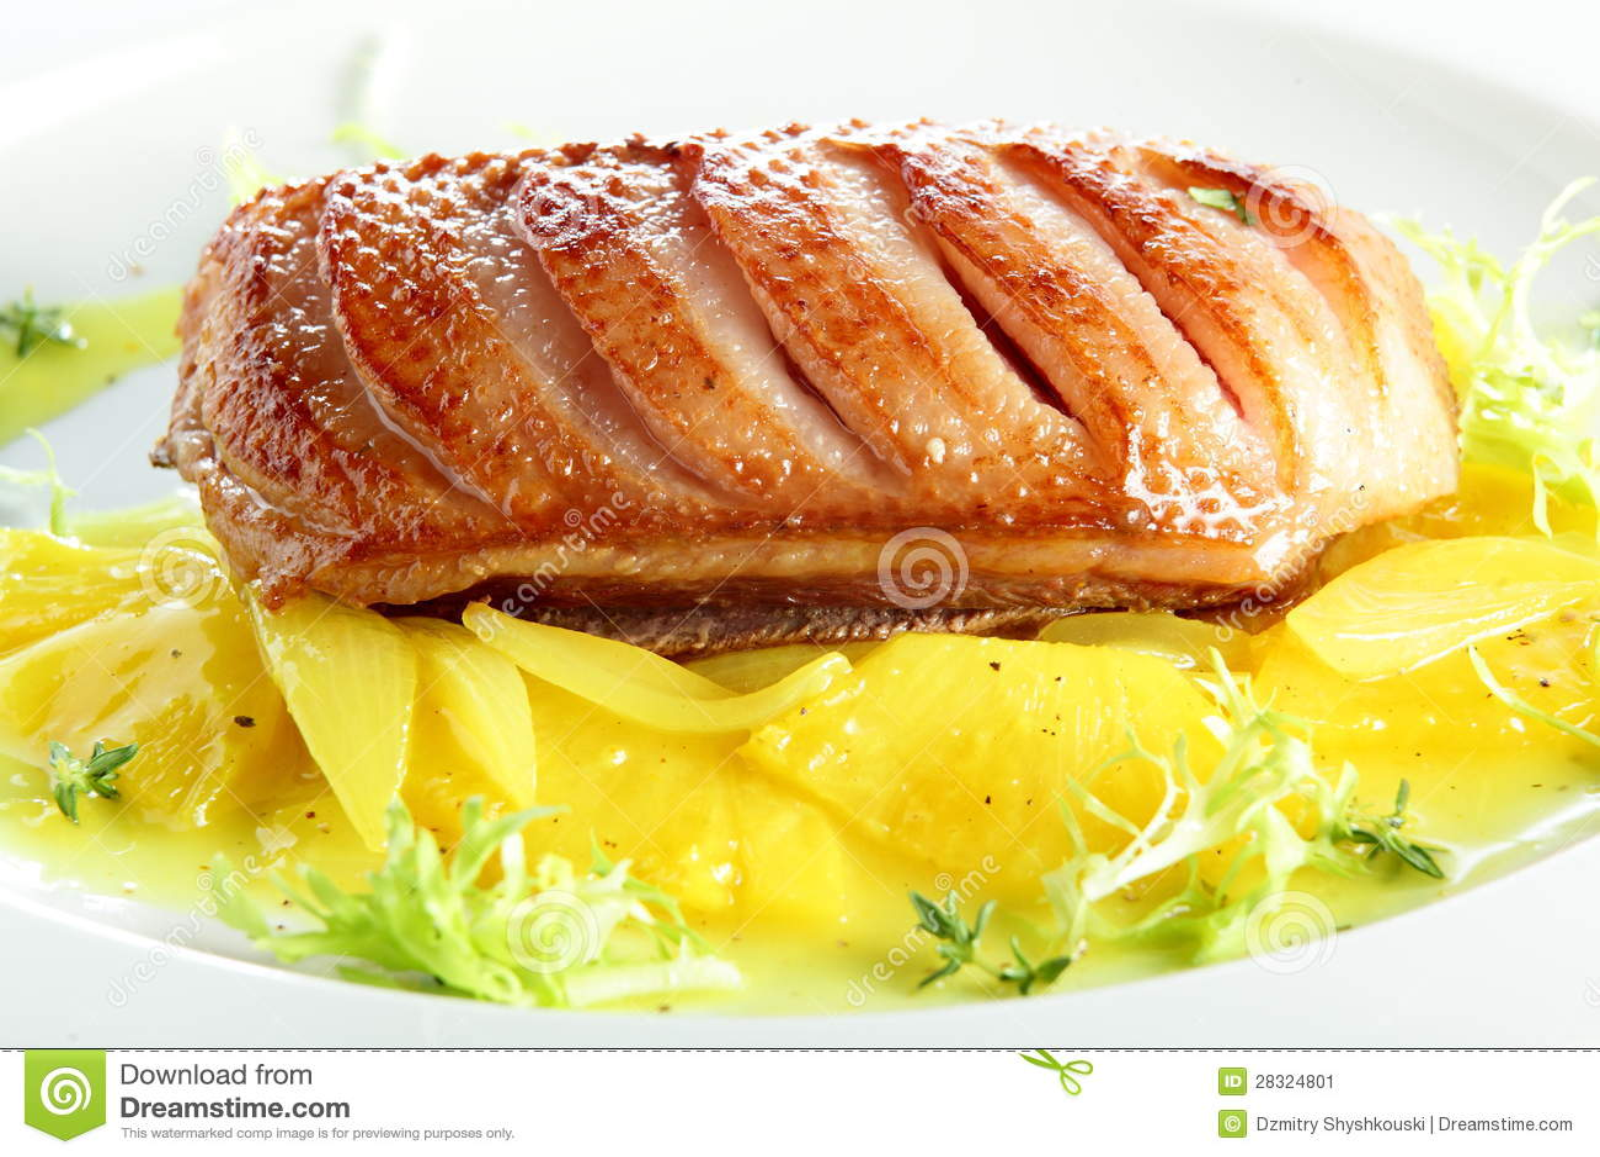 gebratenes fleisch mit ananas stockbild bild 28324801. Black Bedroom Furniture Sets. Home Design Ideas